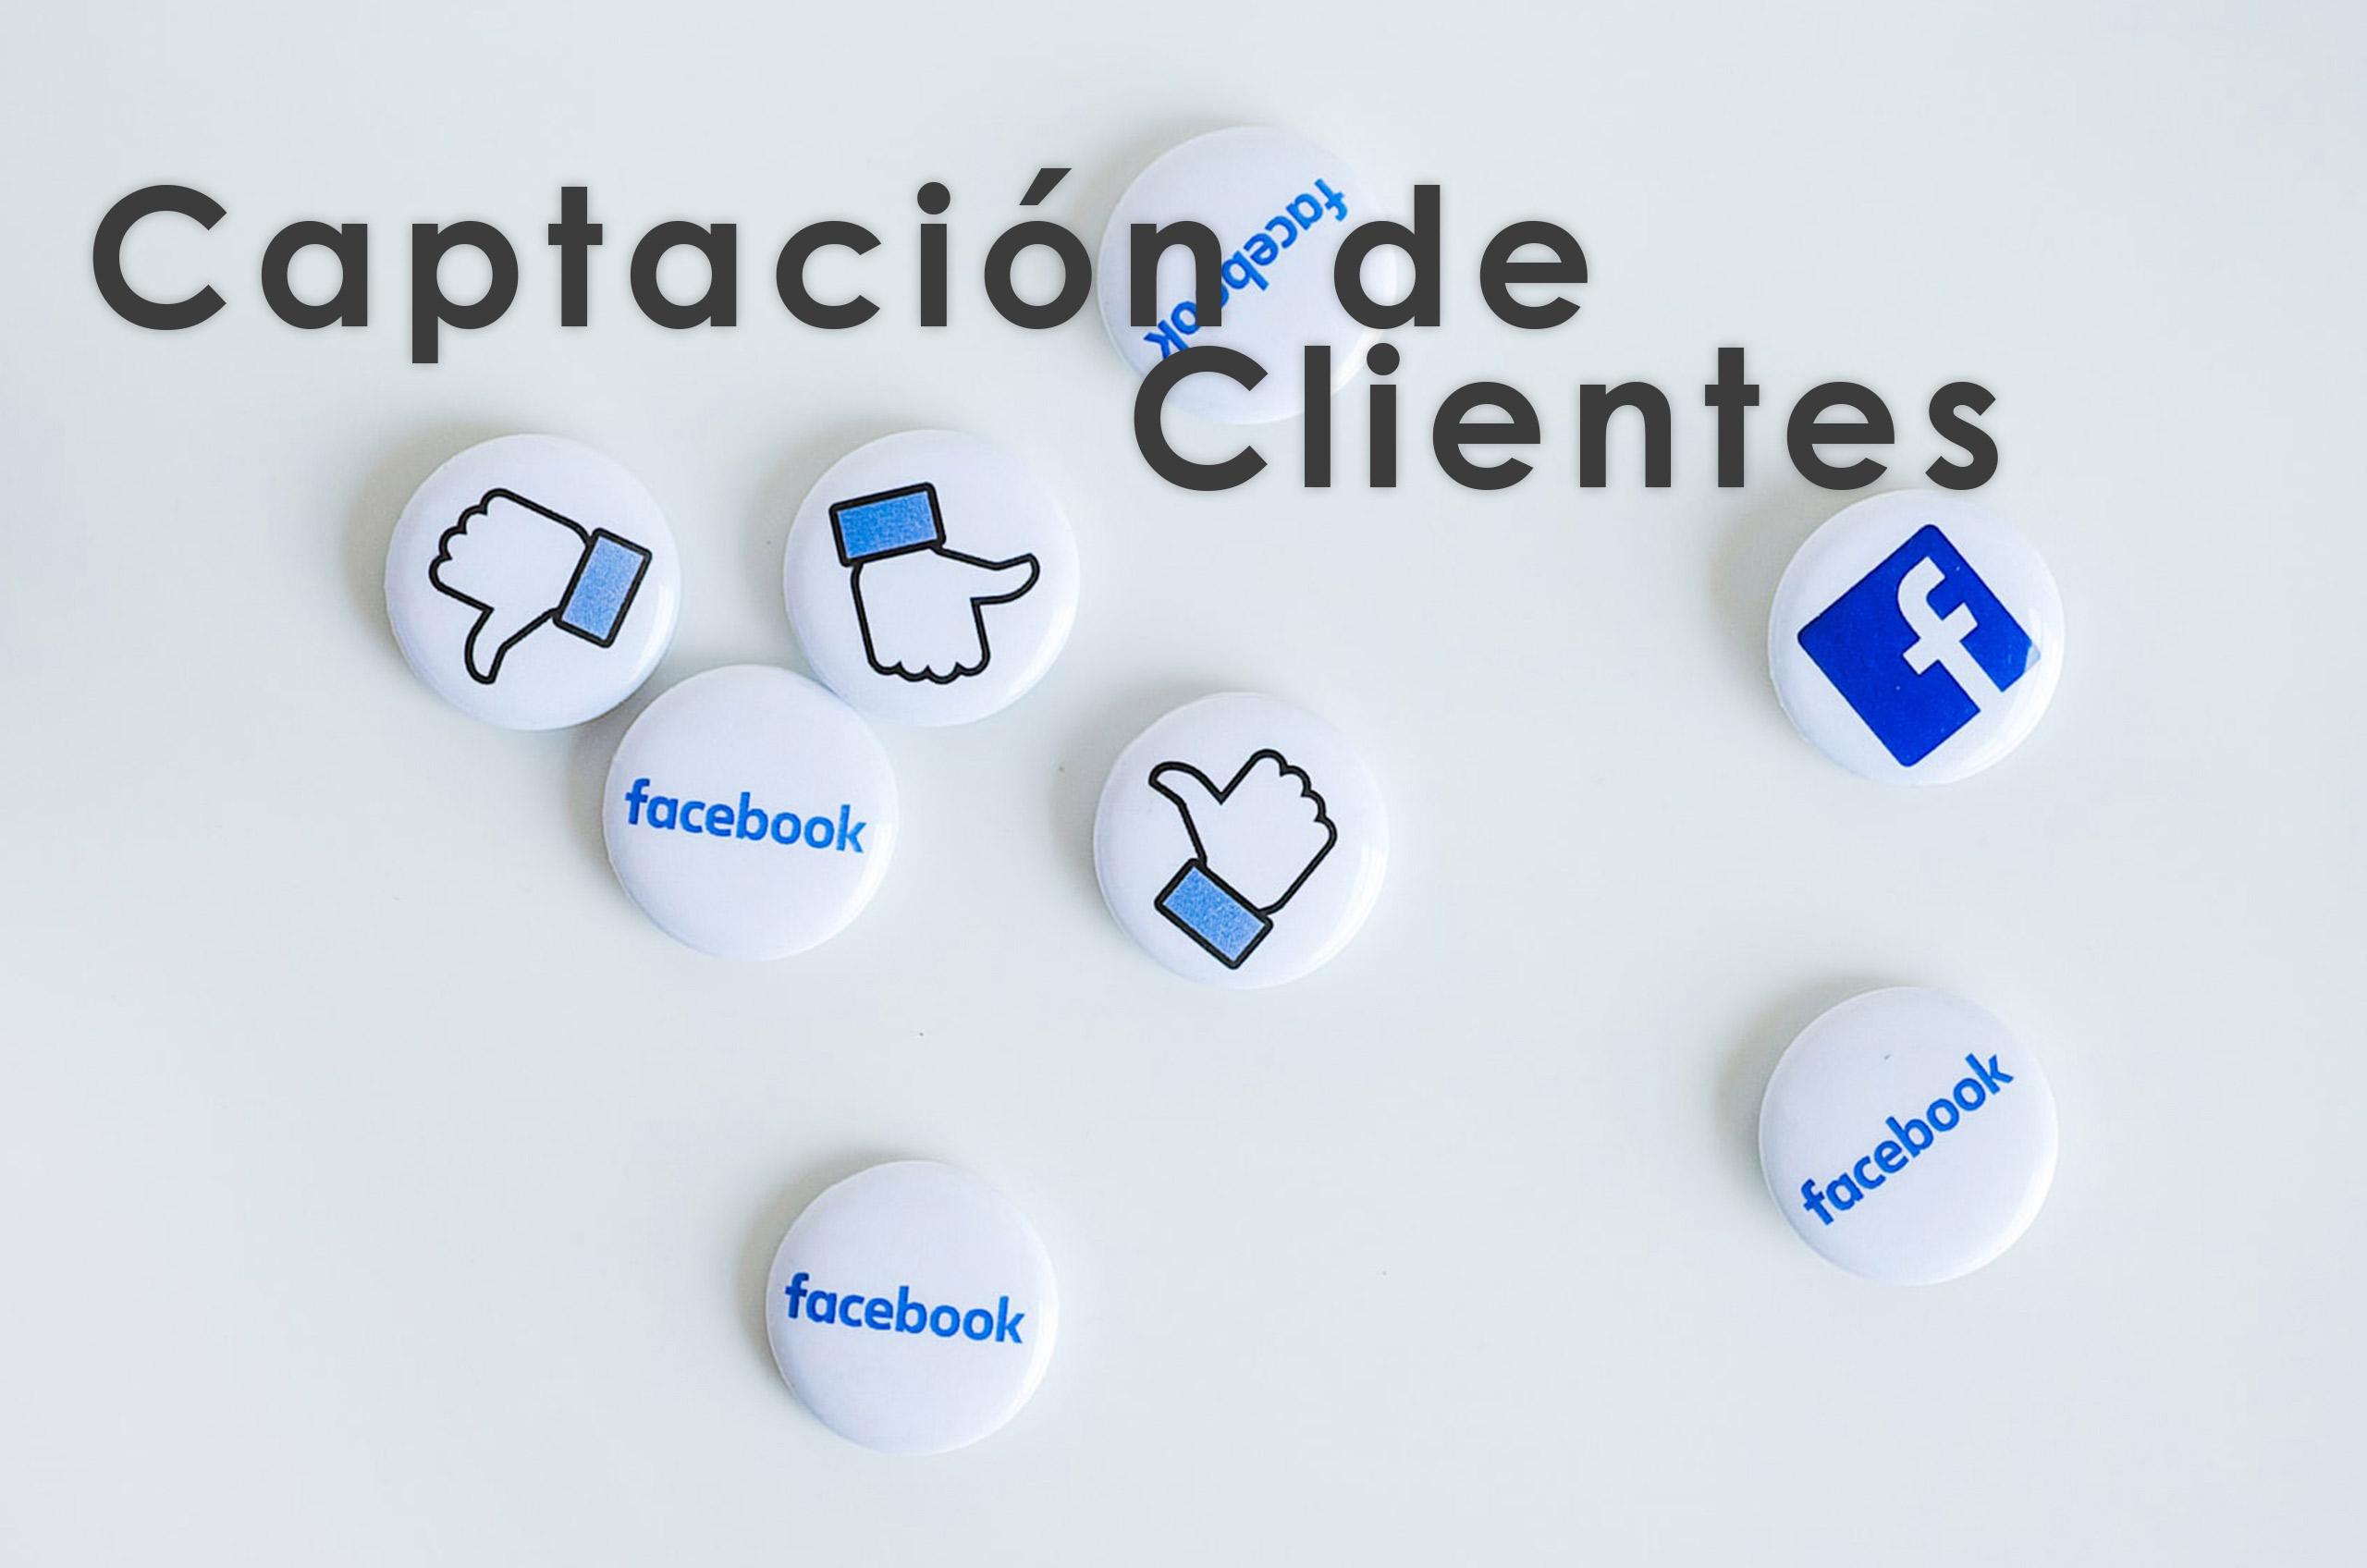 Captación de nuevos clientes a través de las Redes Sociales